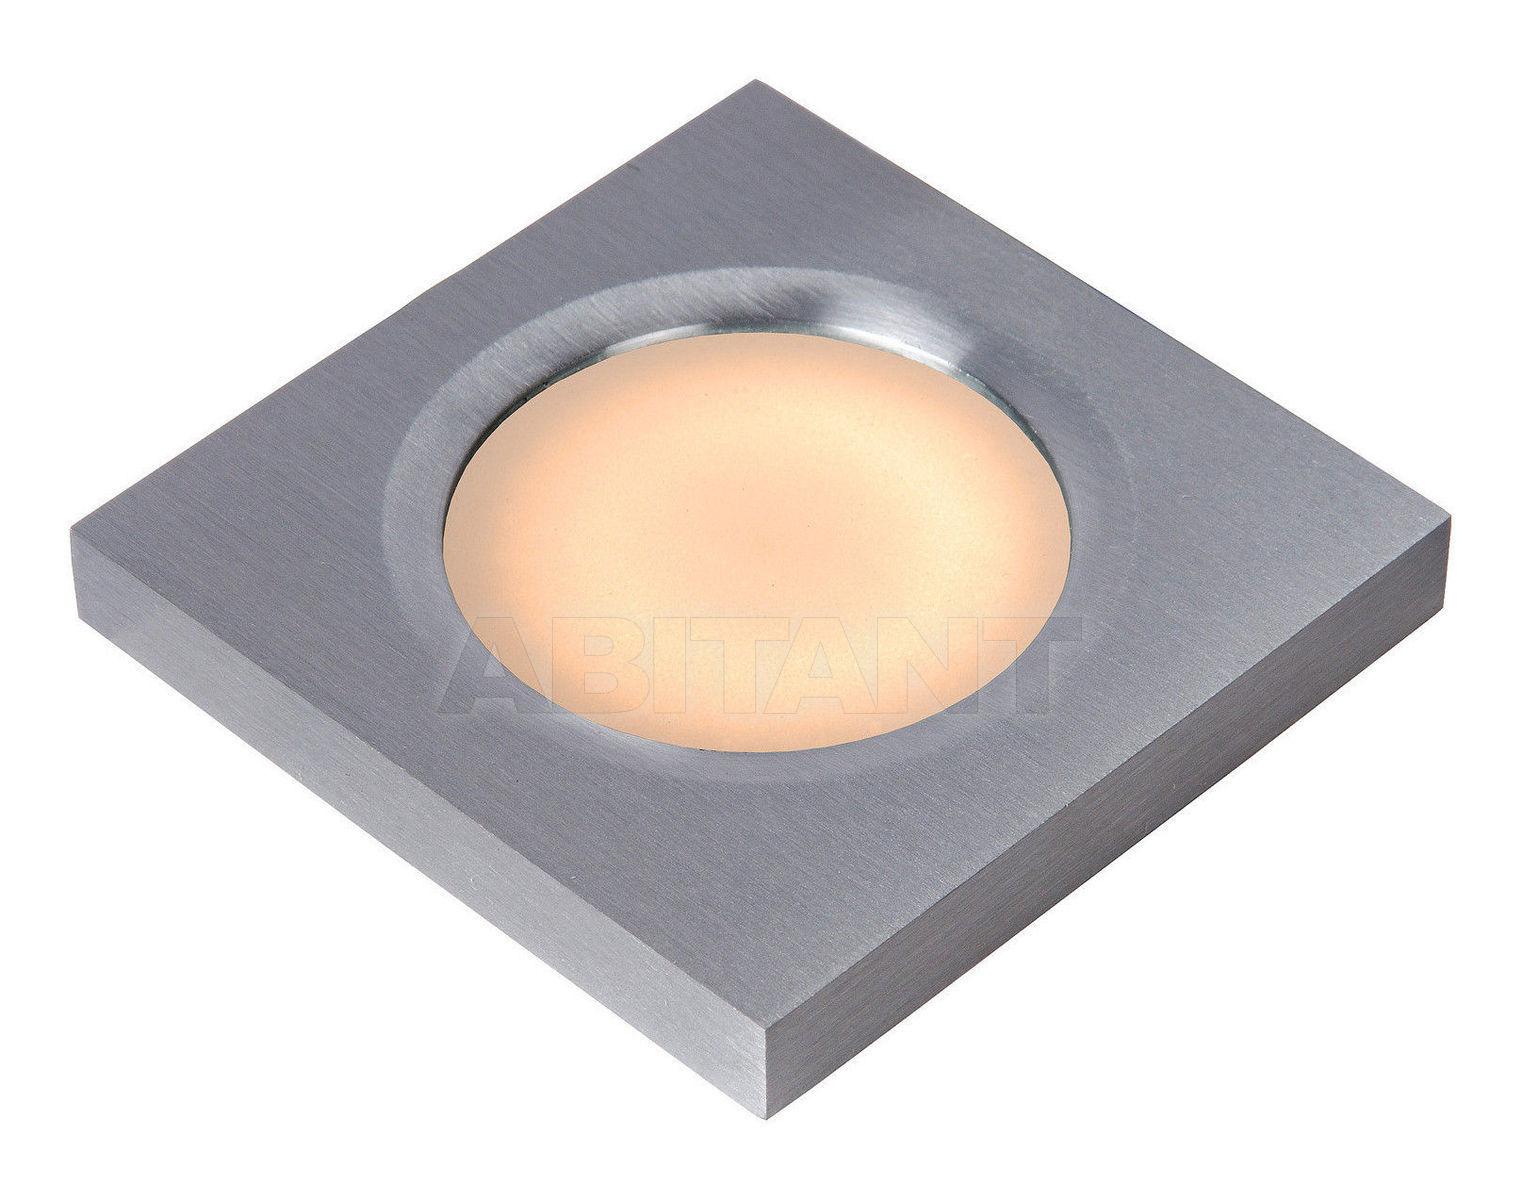 Купить Встраиваемый светильник HAHNE Lucide  Bathroom 17106/01/12